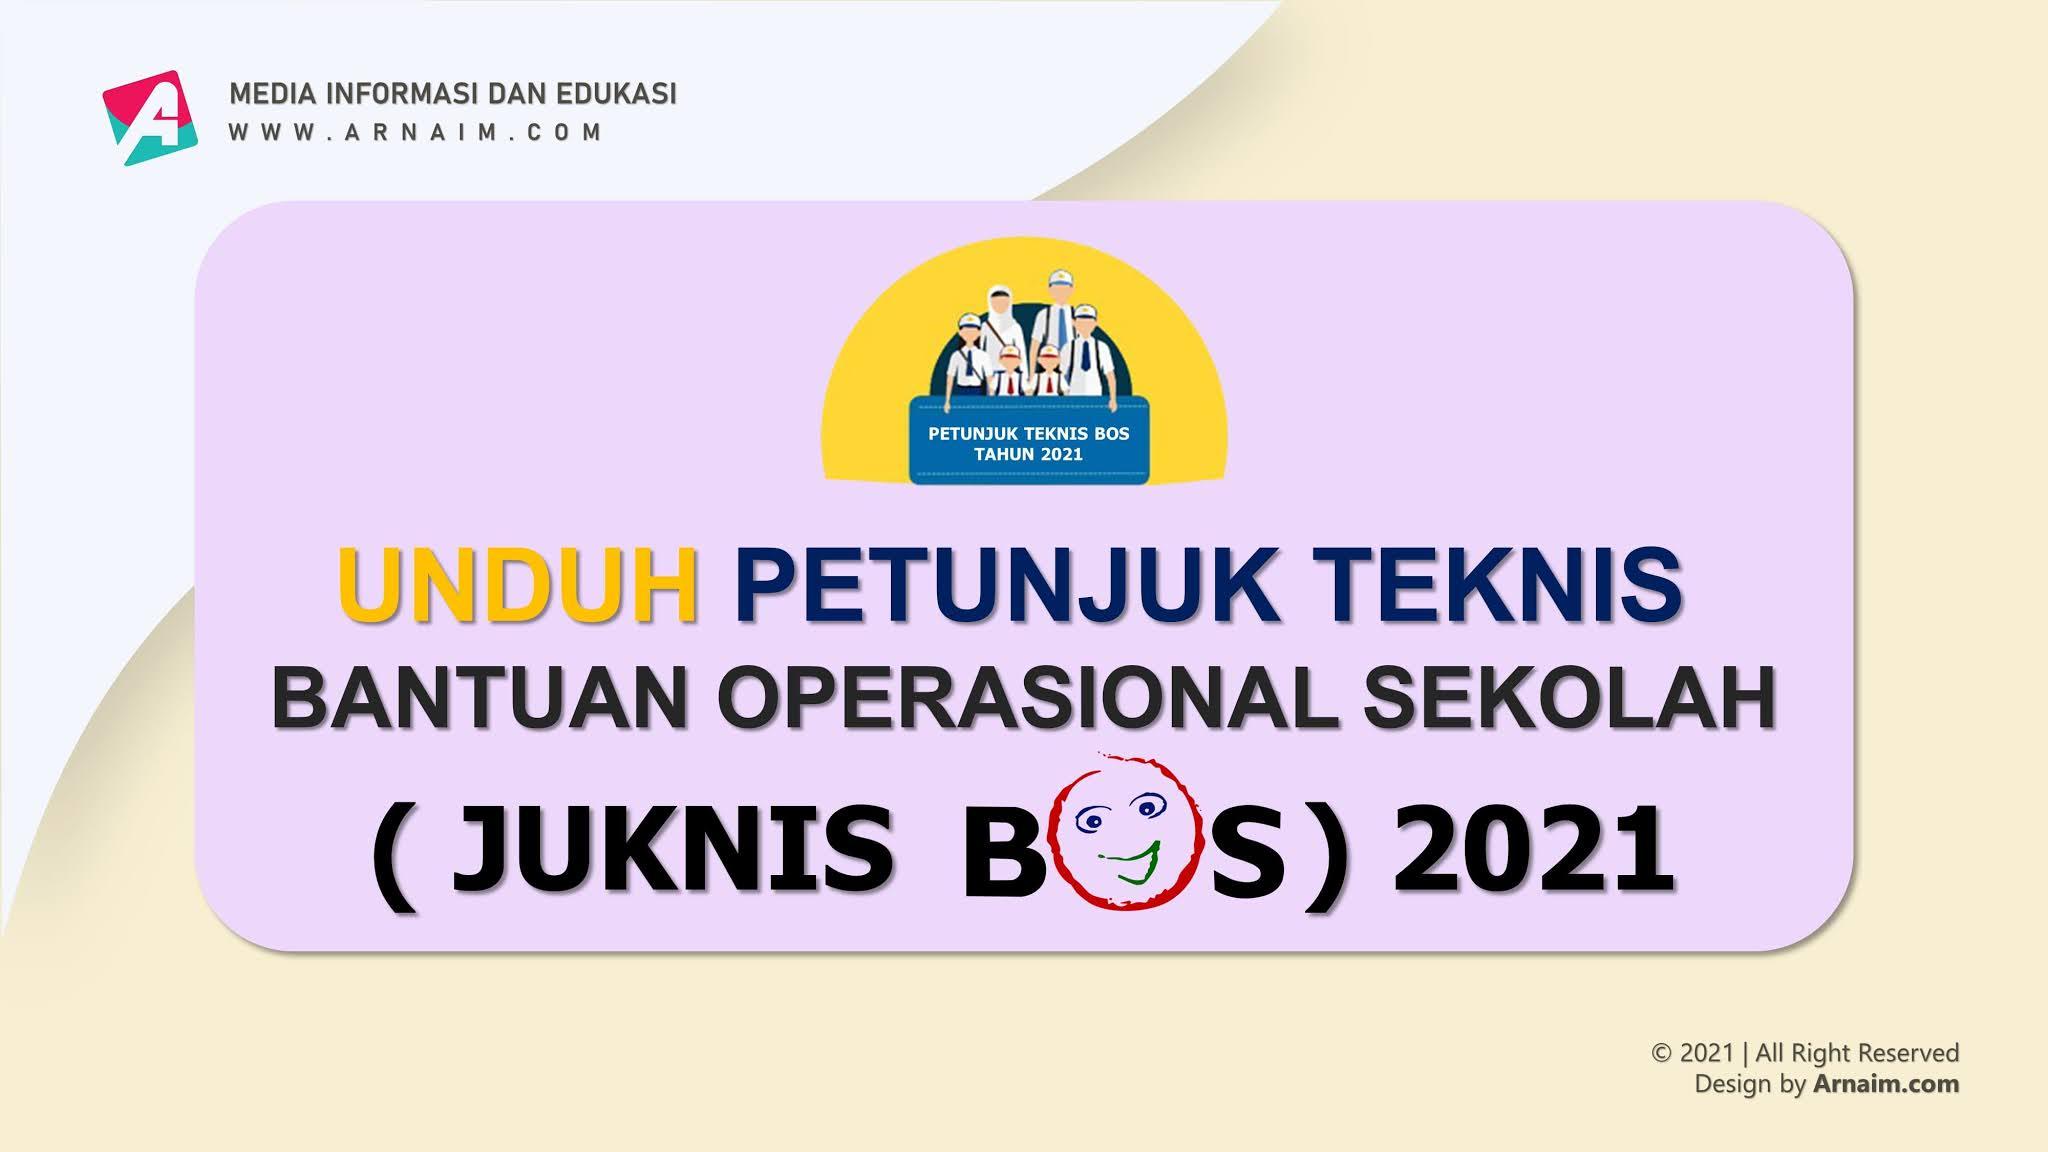 Unduh Juknis BOS Tahun 2021 - arnaim.com